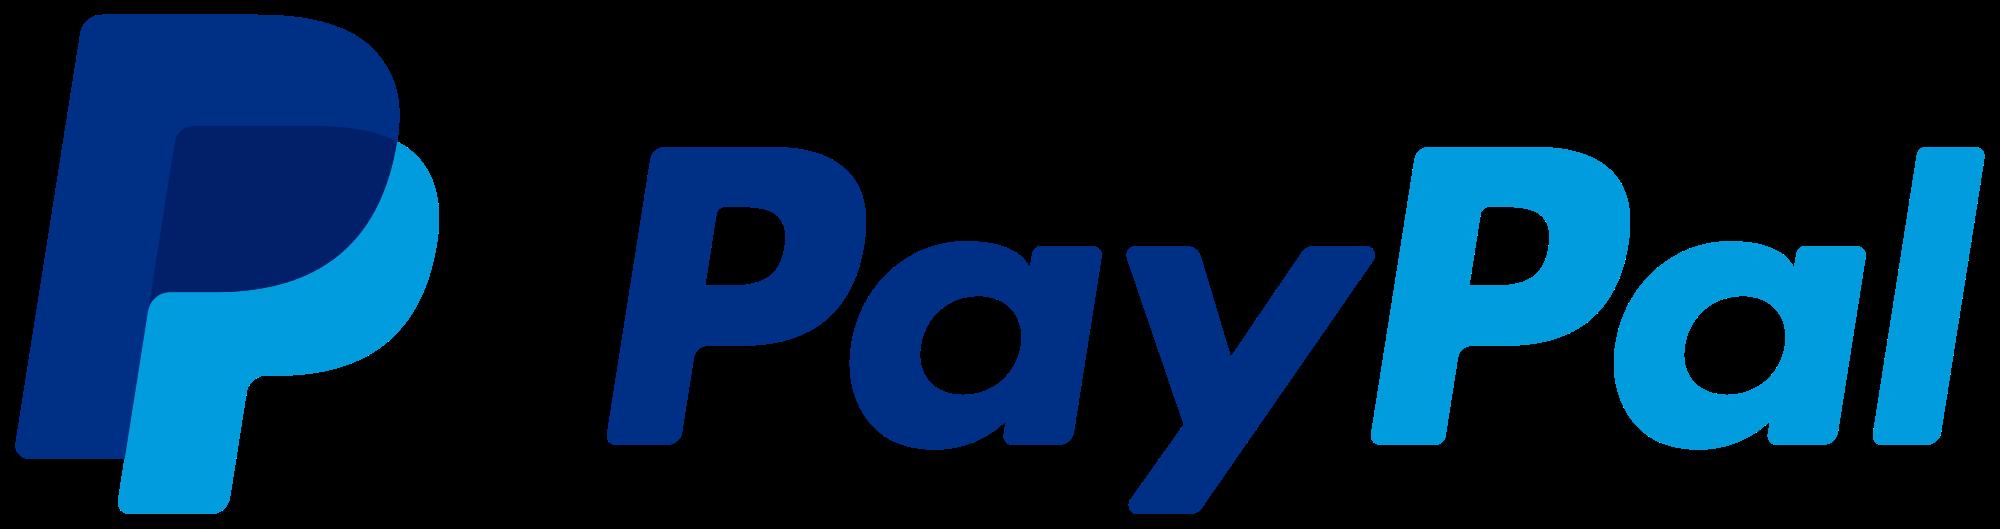 paypal logo vector png #2114